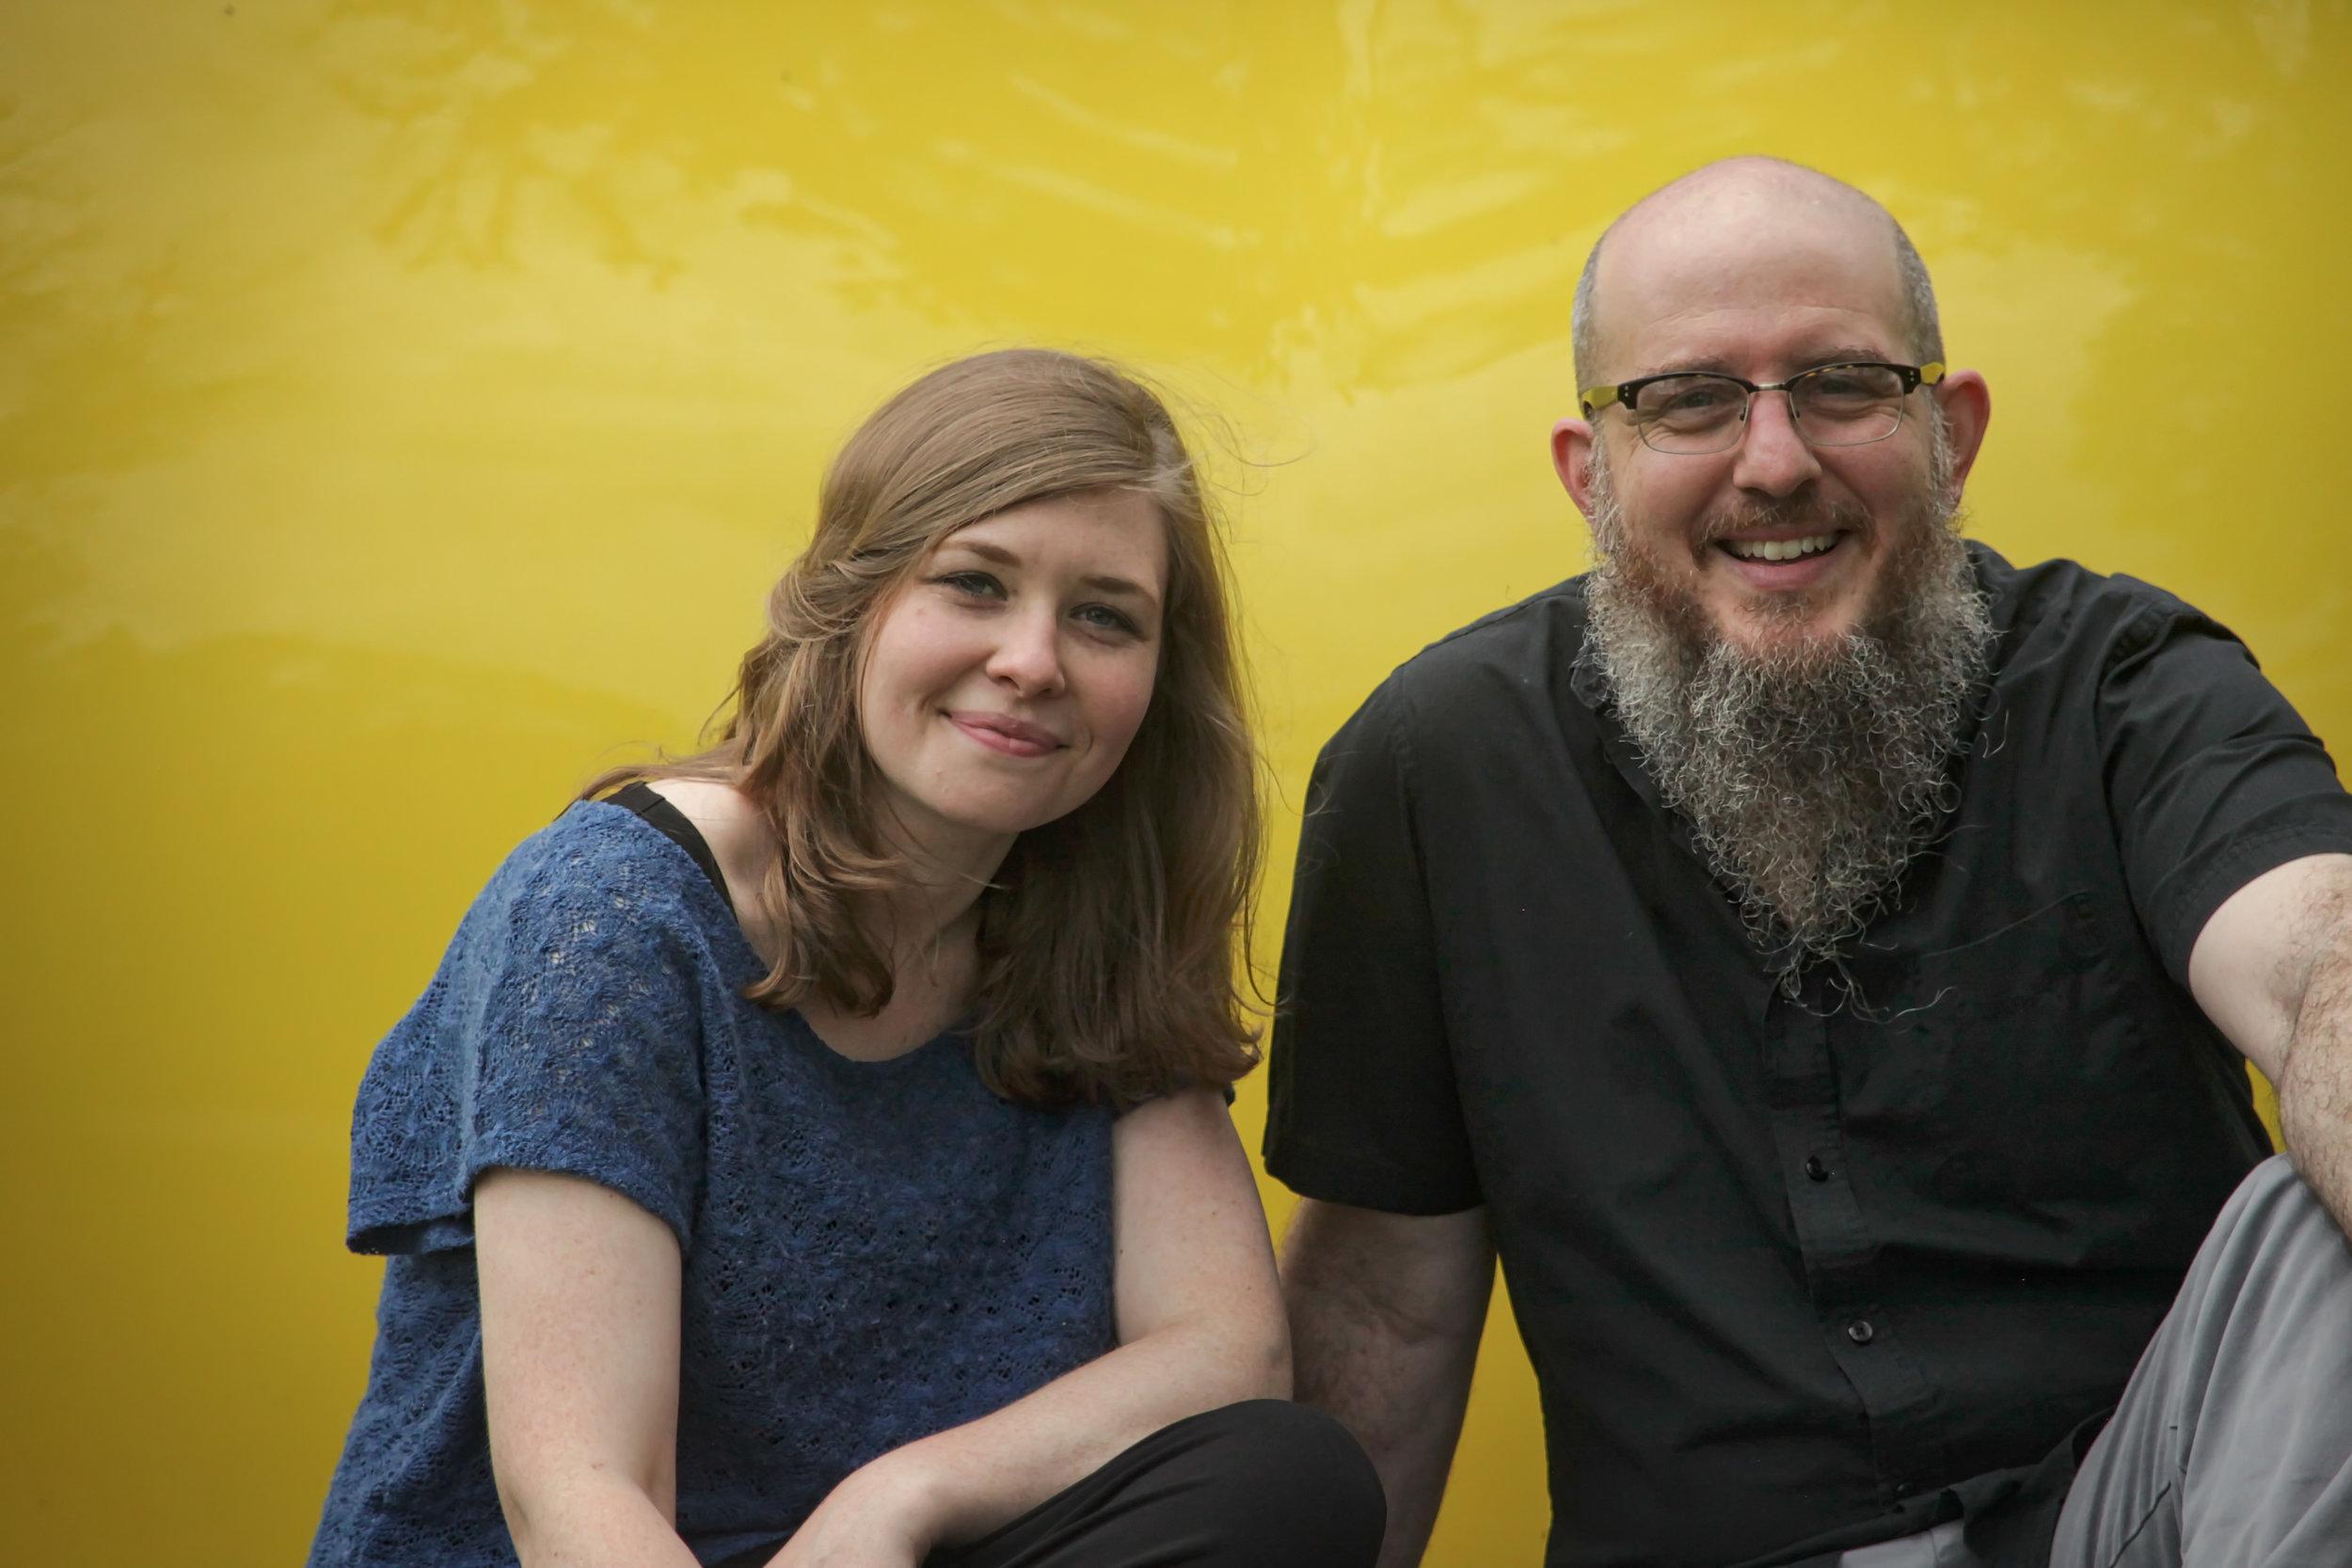 Wayfaring: Katie Ernst, James Falzone. Grant Park, Chicago, 2016.